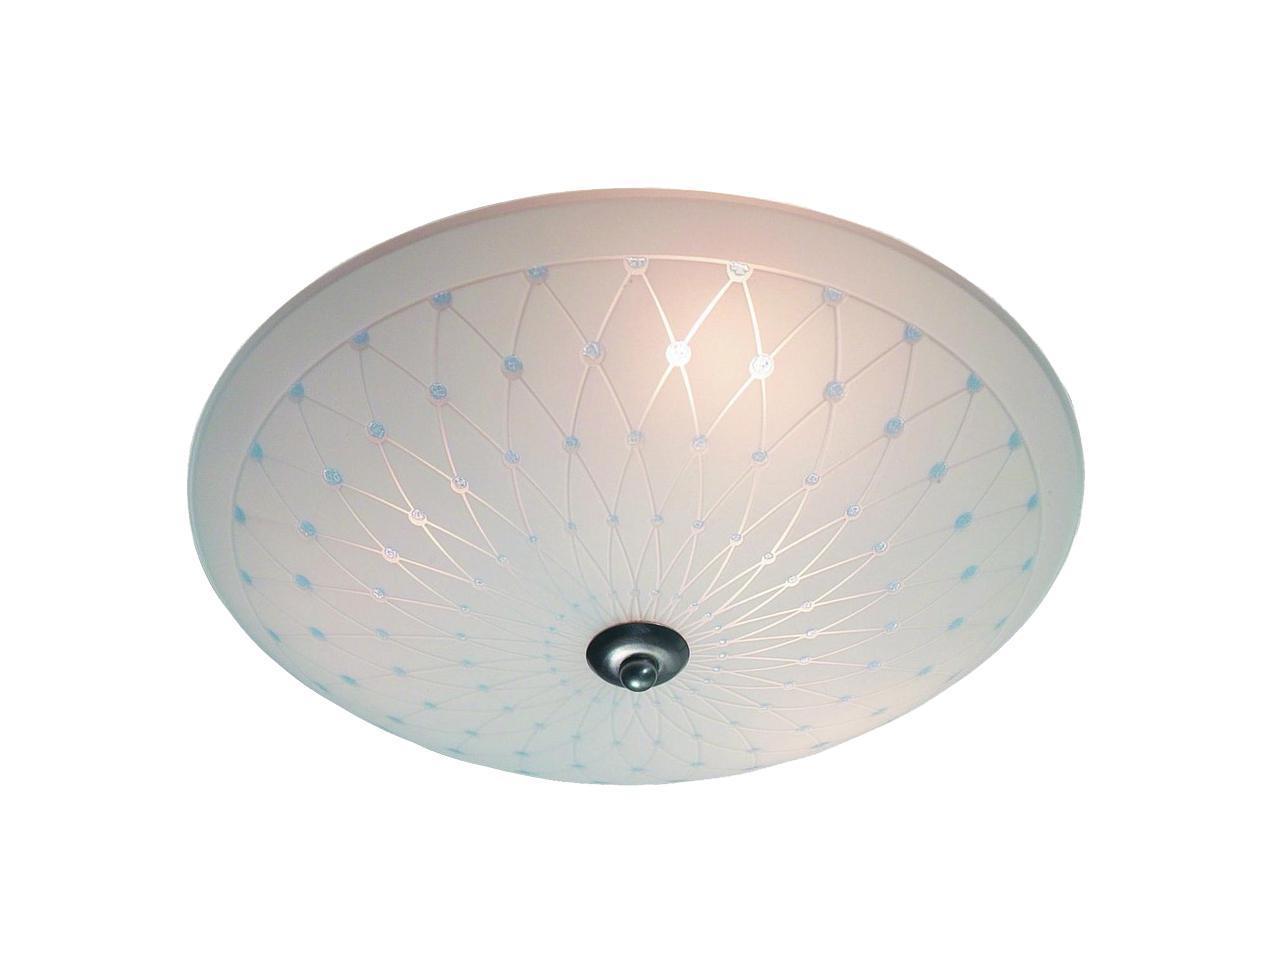 Настенно-потолочный светильник MarkSLojd BLUES 175512-495512175512-495512175512-495512 Светильник настенно-потолочный, BLUES, хром, матовое-голубое стекло, E14 3*40WW